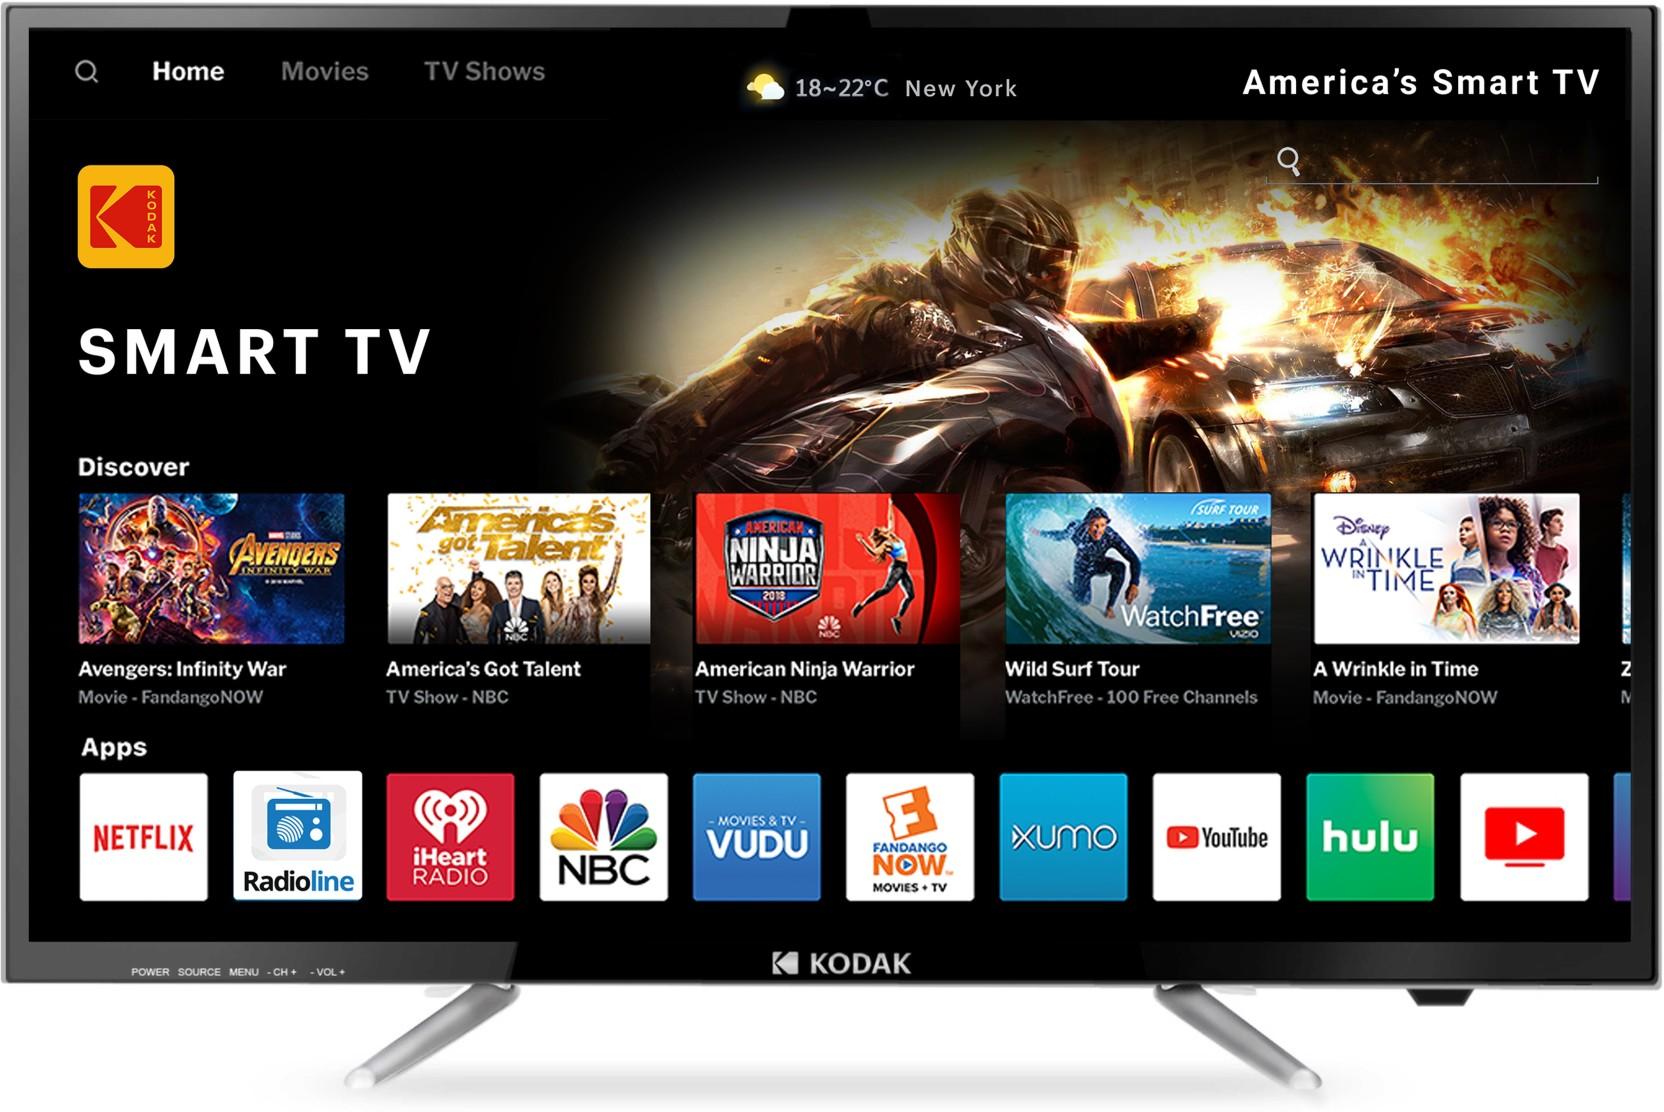 kodak xsmart 80cm 32 inch hd ready led smart tv online at best